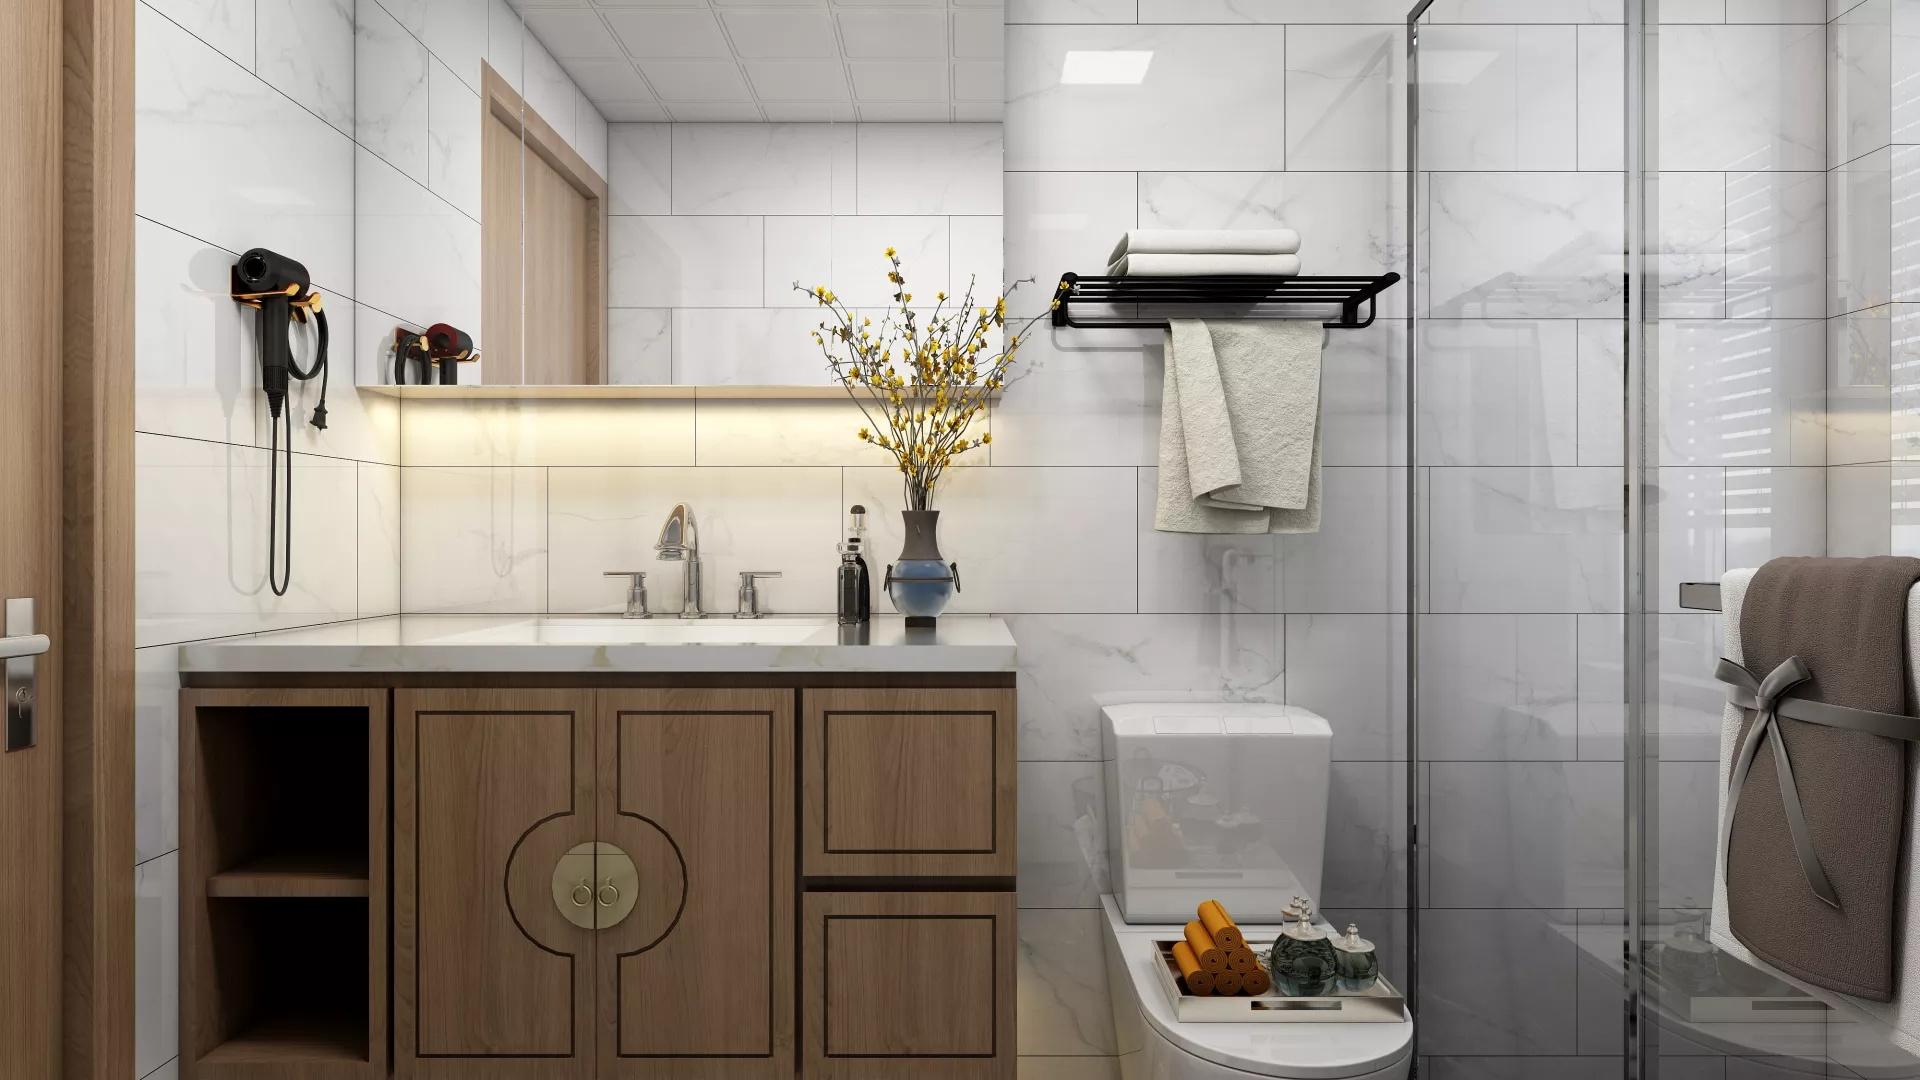 玄关,门厅,简约风格,鞋柜,简洁,白色